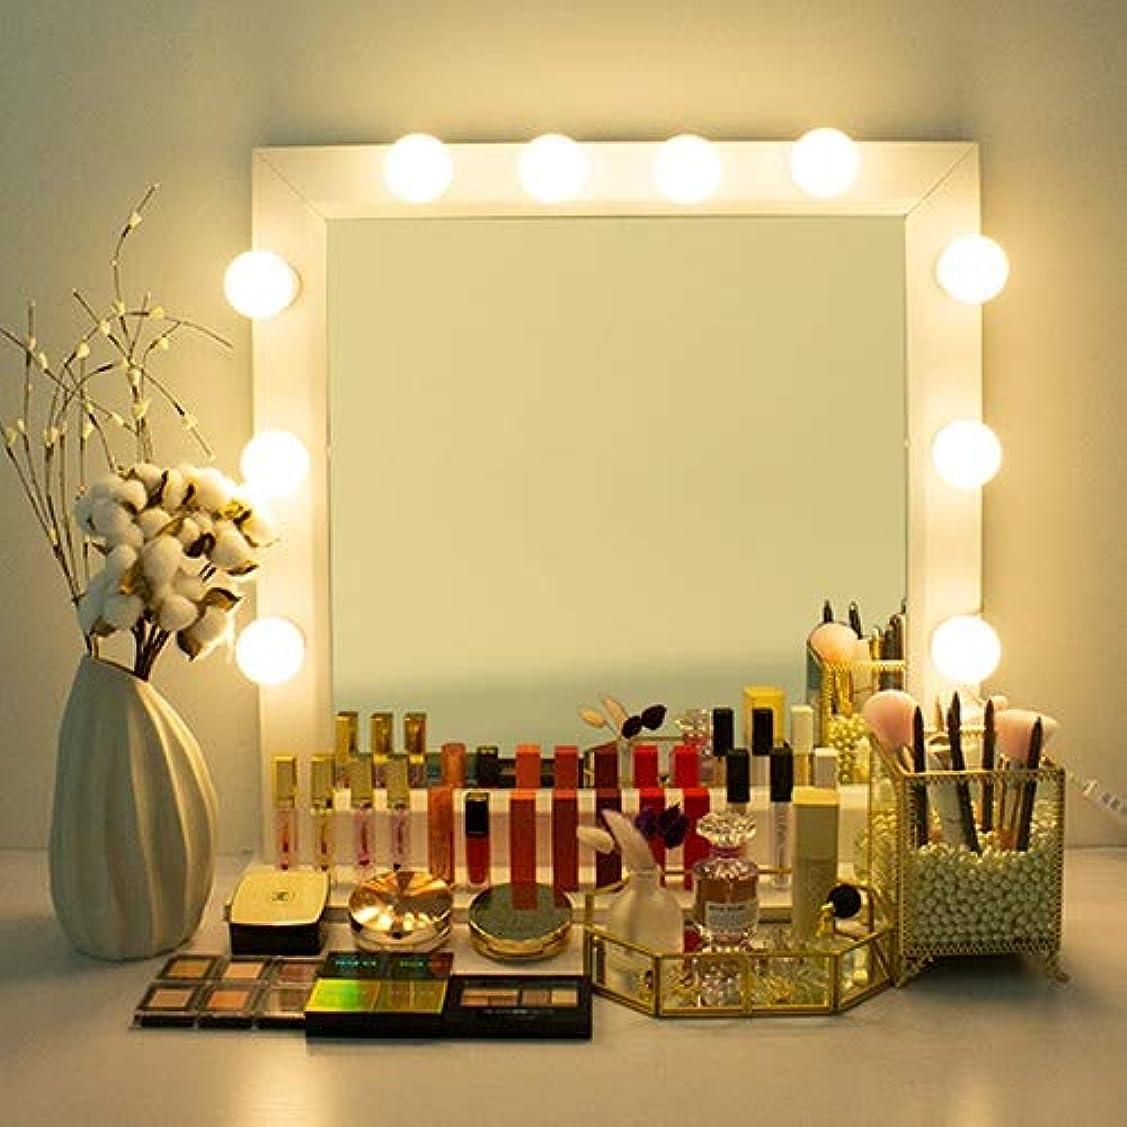 狐結婚した神秘的なPETIT THINGS LED プチシンスLED女神照明 芸能人化粧台 ハリウッドミラー 化粧鏡